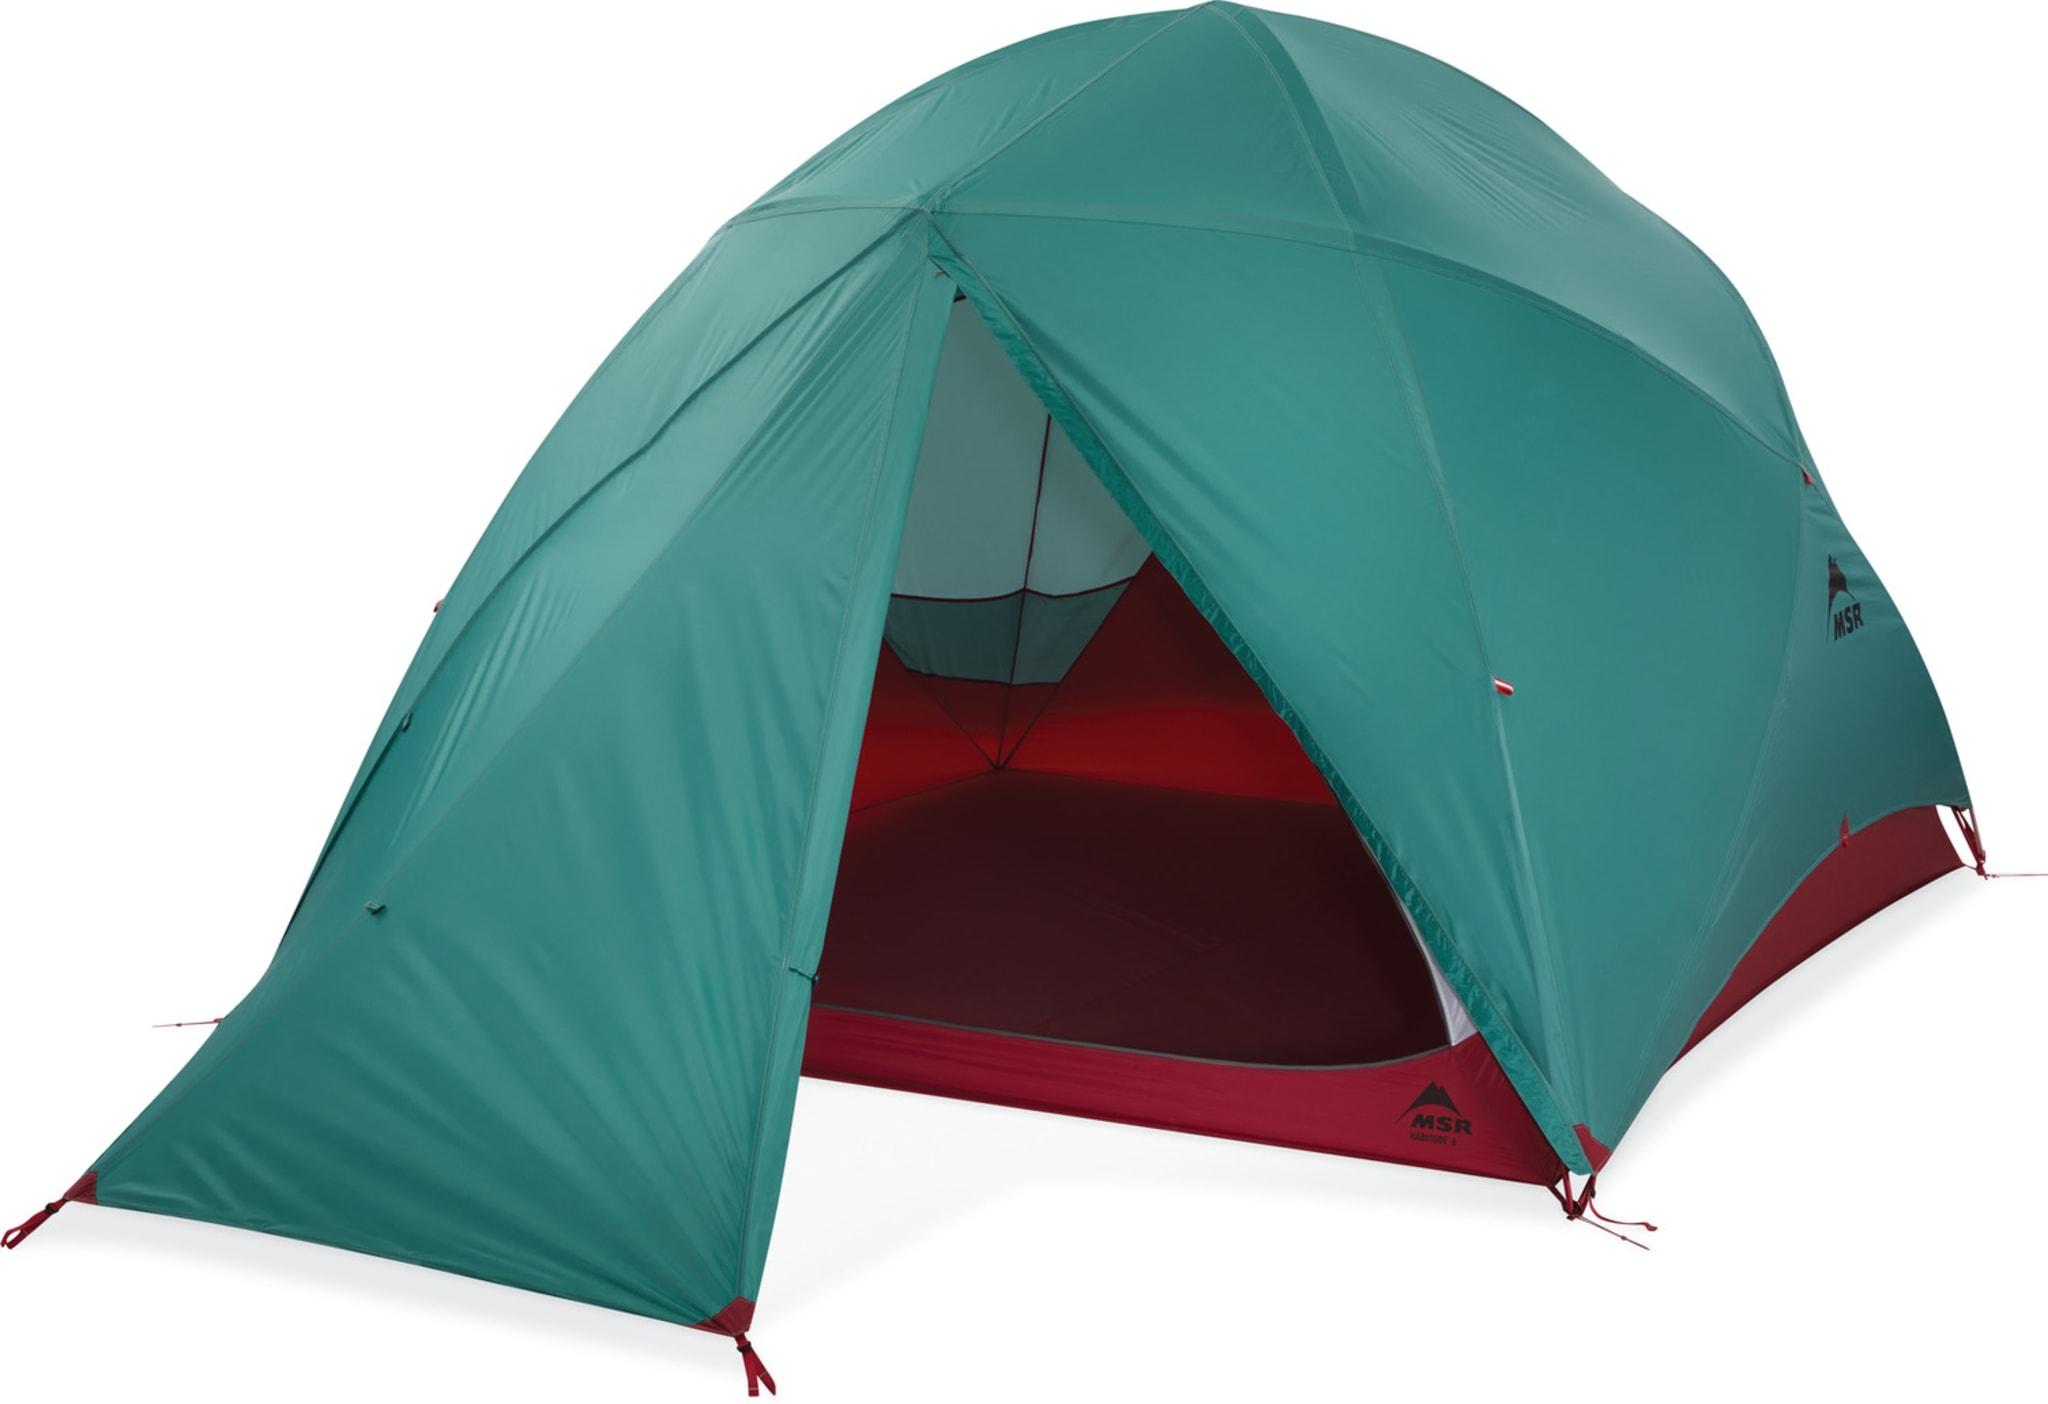 Stort telt for familier og grupper på tur!